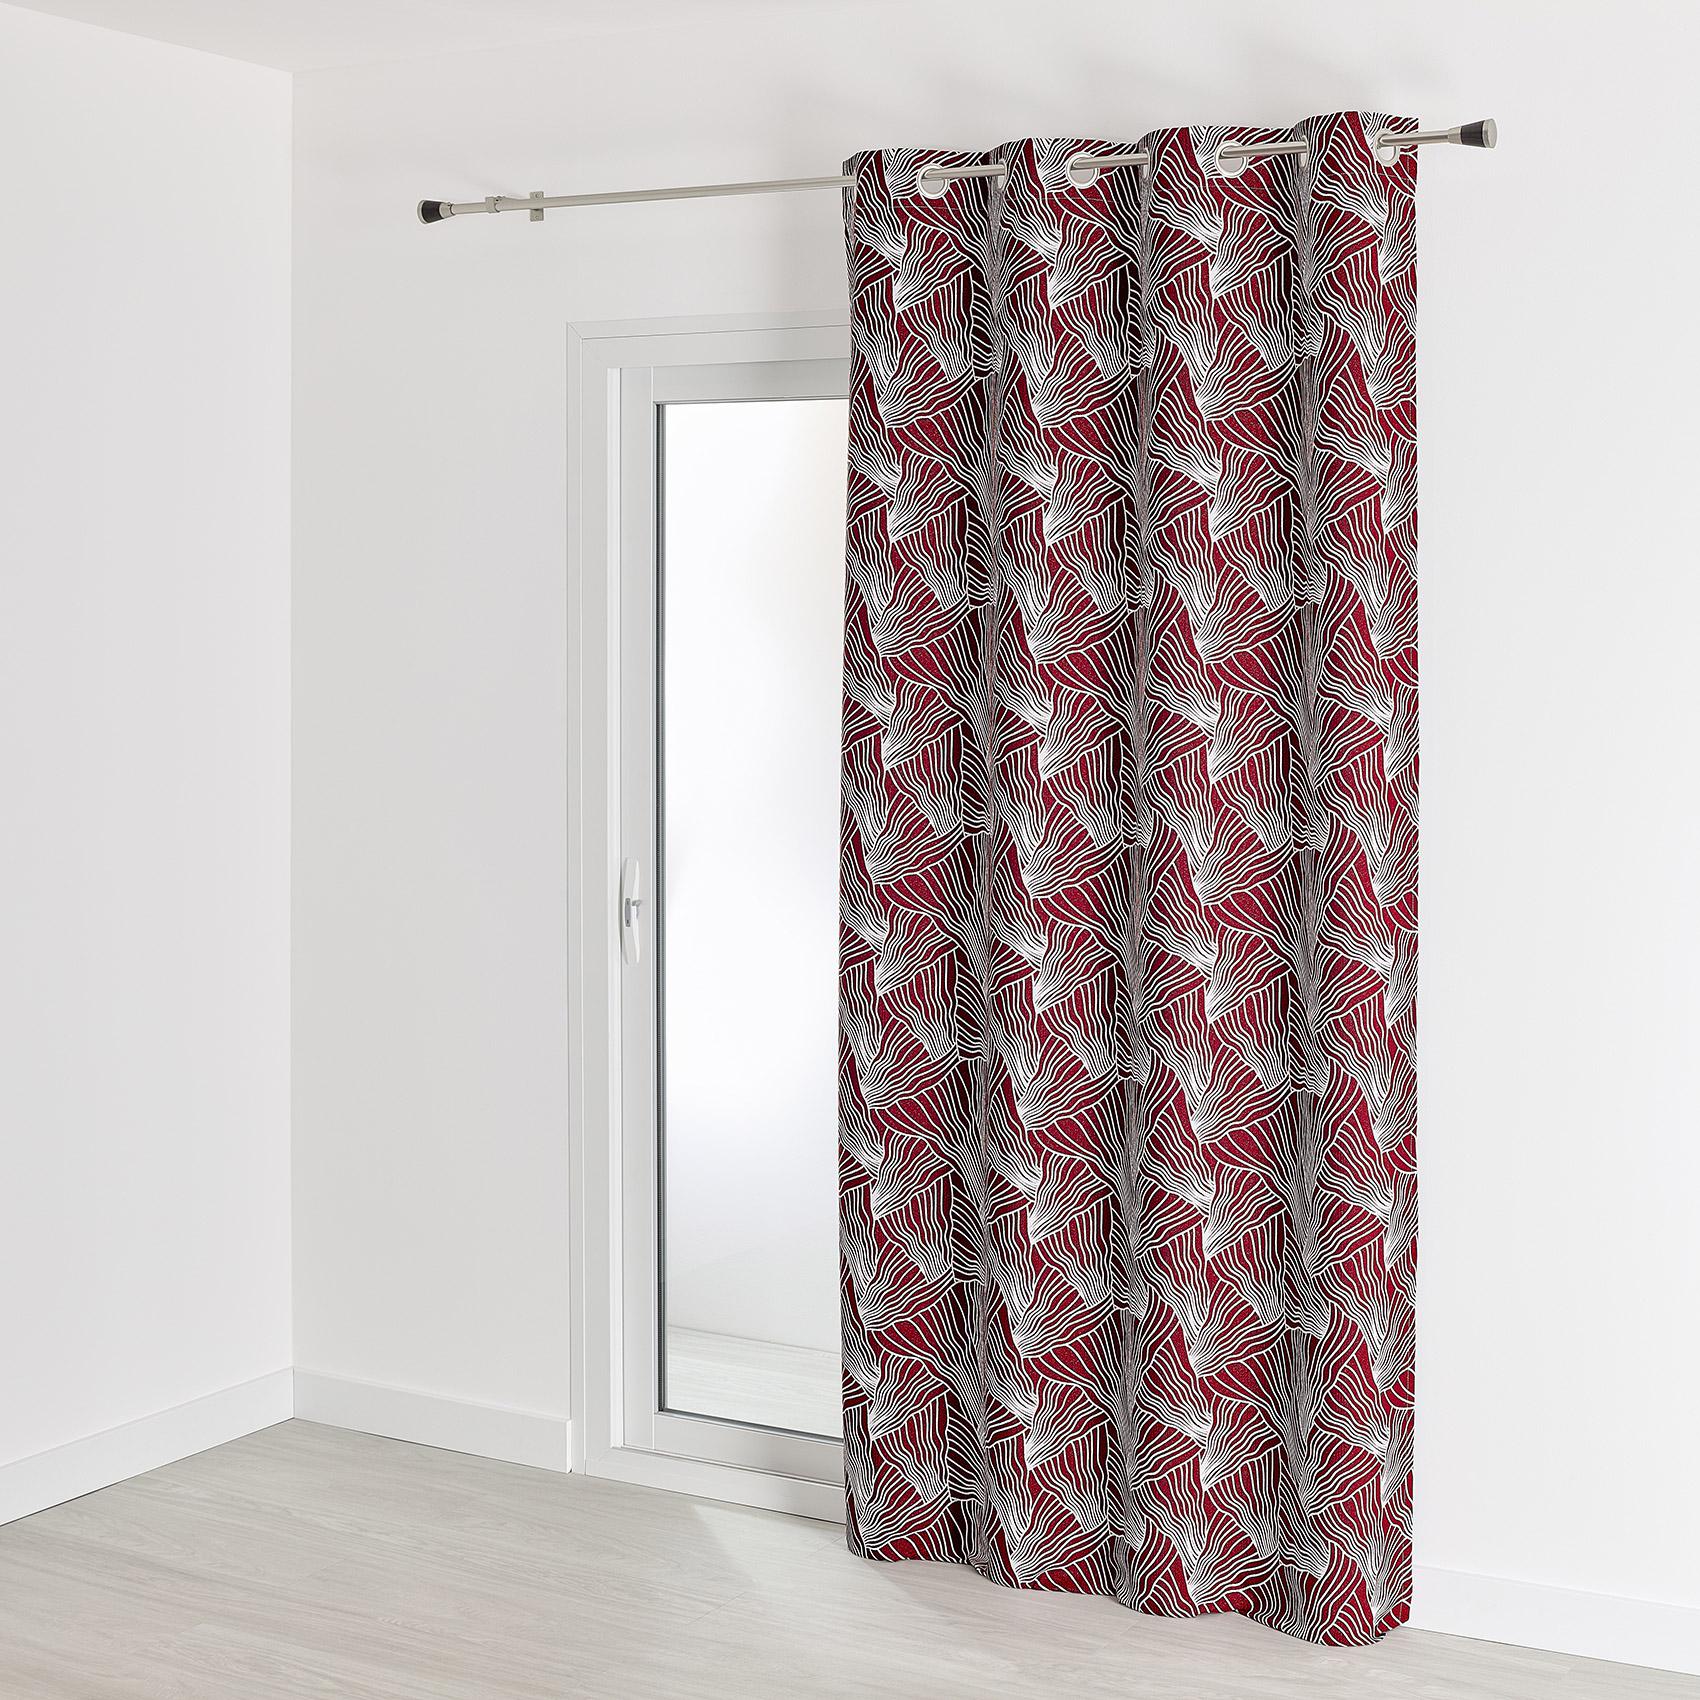 Rideau d'ameublement à motifs japonisants polyester rouge 260x140